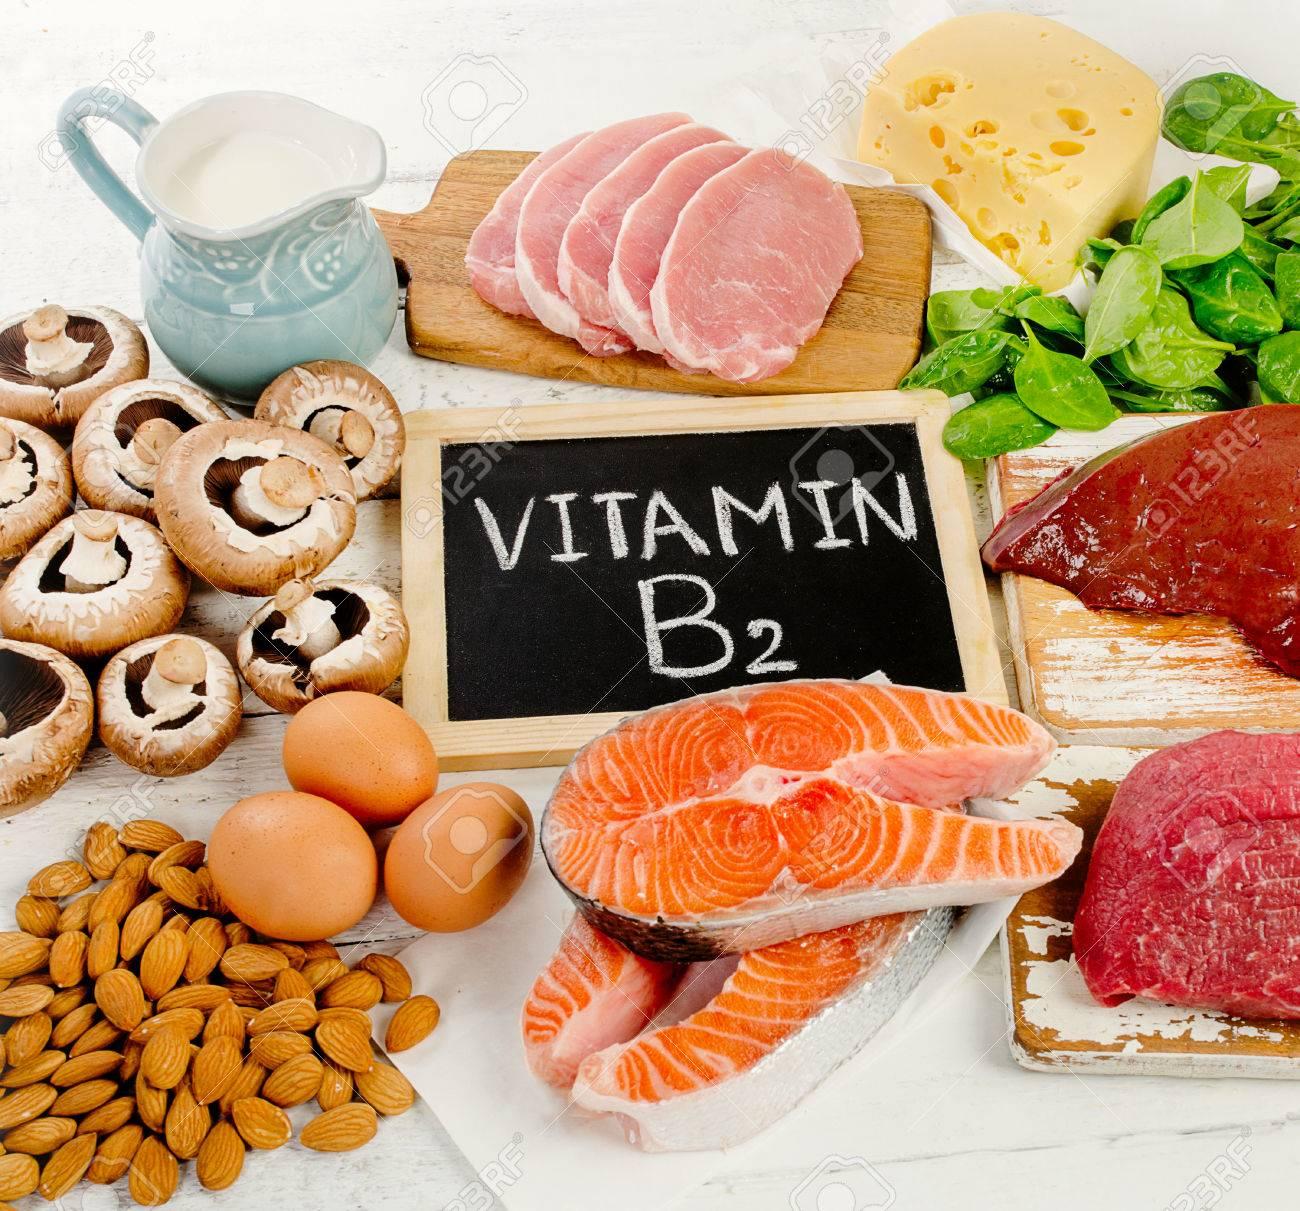 תוצאת תמונה עבור vitamin b2 vitamin: why is it necessary? Vitamin: why is it necessary? 67023093 foods highest in vitamin b2 riboflavin